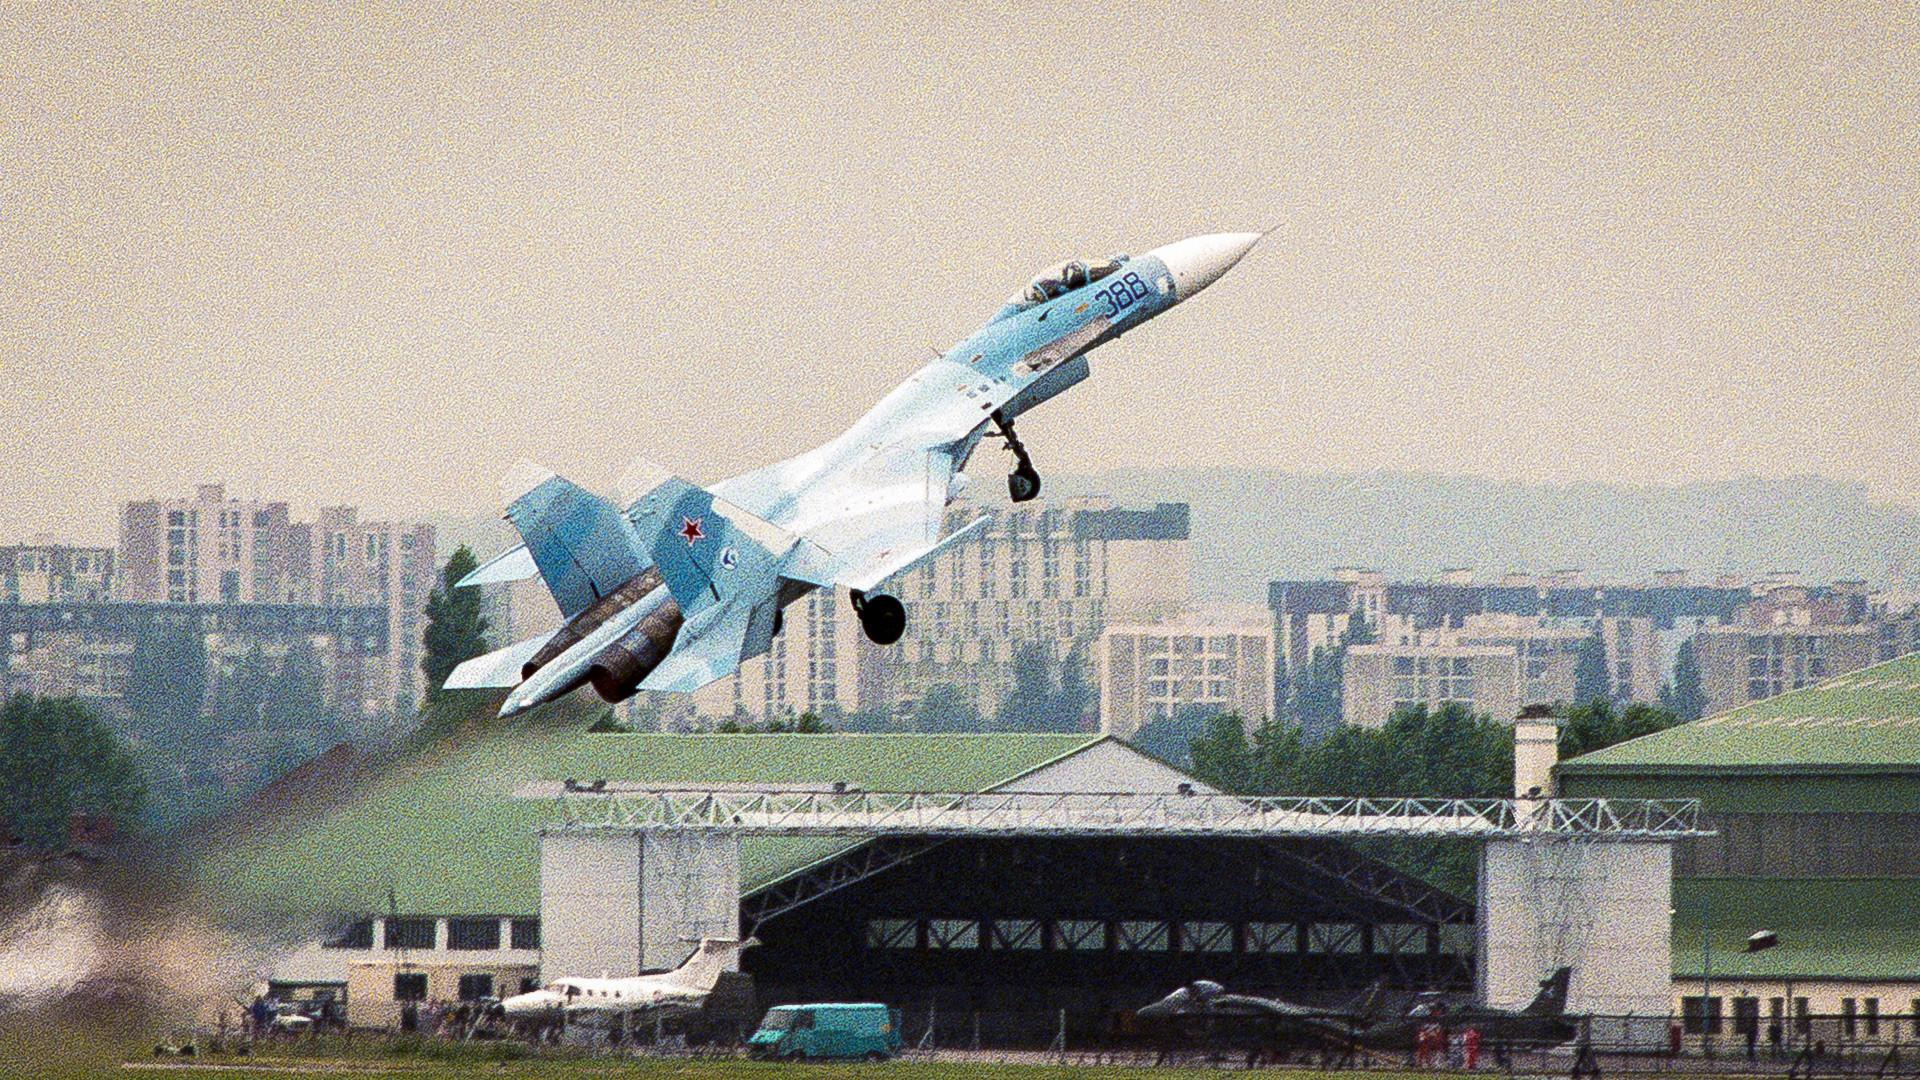 """Pada 1989, Pugachev melakukan manuver """"Kobra"""" di Pameran Udara Le Bourget, Prancis."""